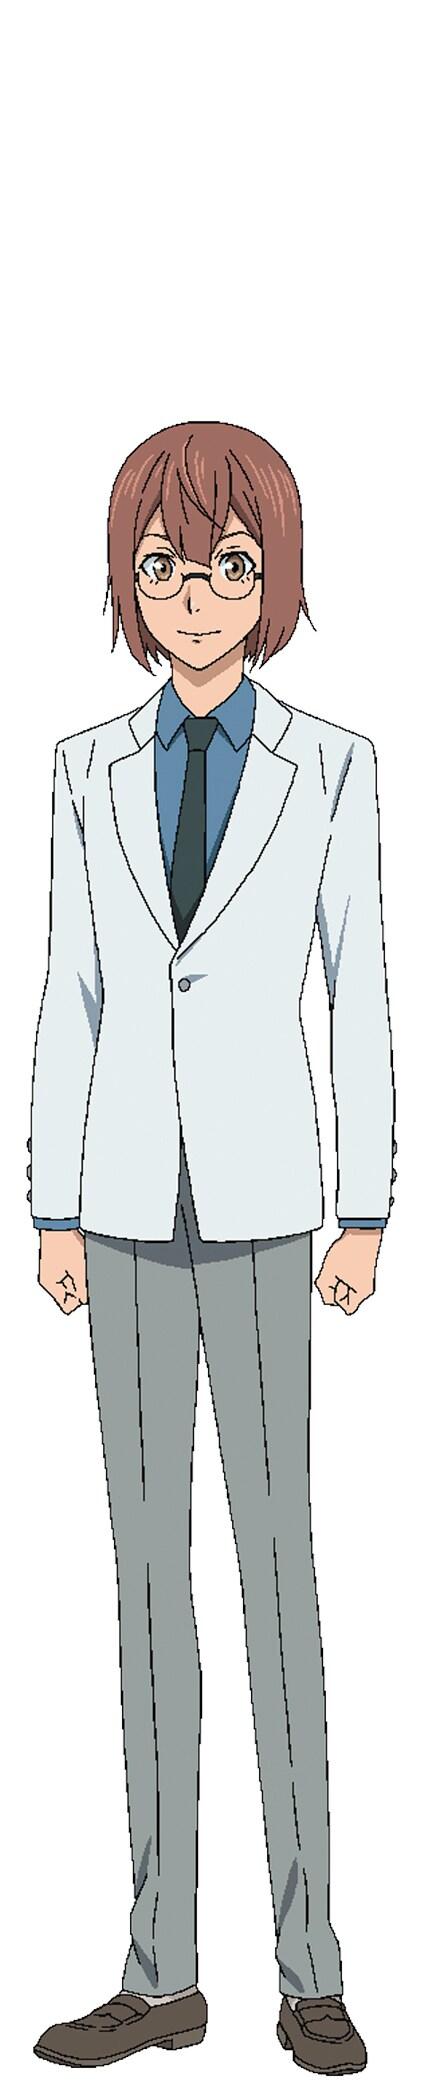 加瀬学(CV:浜田洋平)